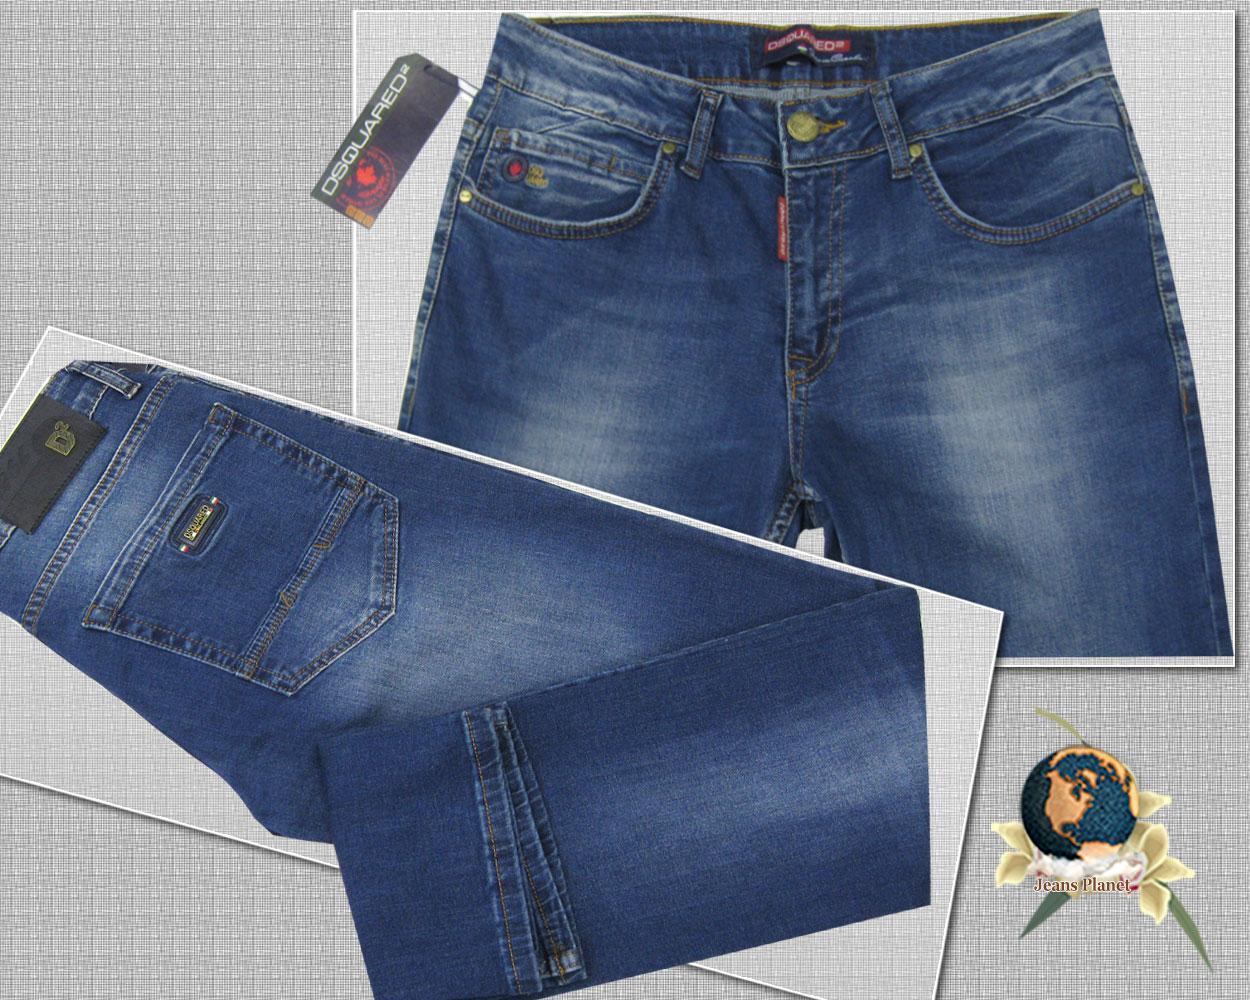 Джинсы мужские зауженные бренд Dsquared2 размер 34 весна-лето